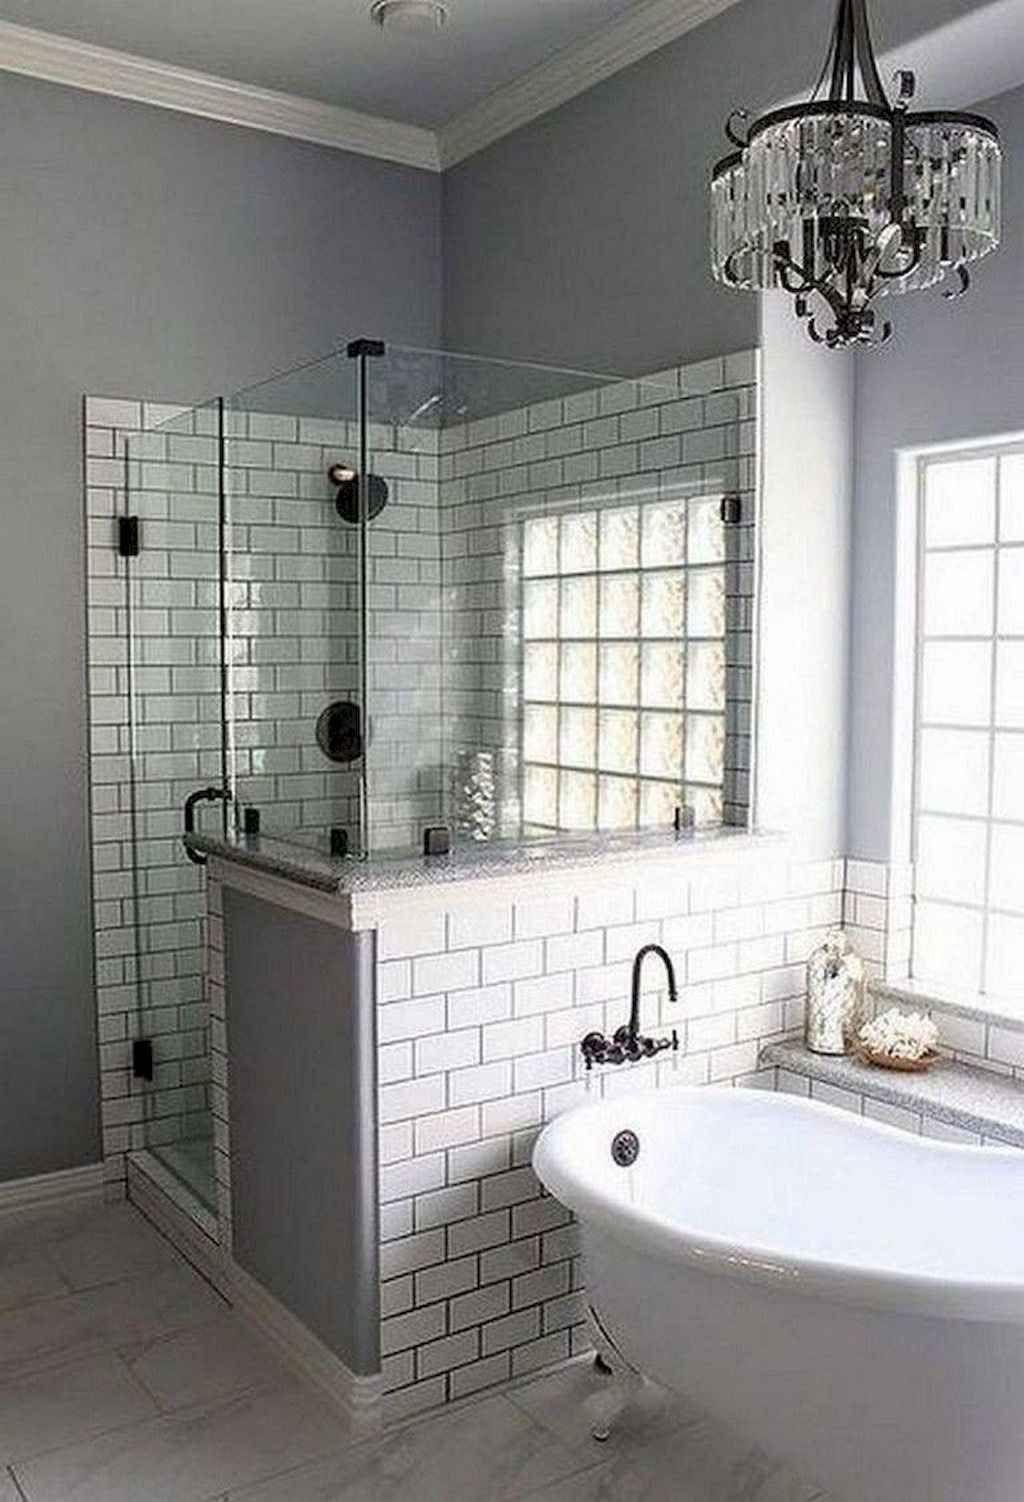 05 Modernes Bauernhaus Master Bathroom Remodel Ideas In 2020 Bad Fliesen Designs Badezimmer Renovieren Dusche Umgestalten